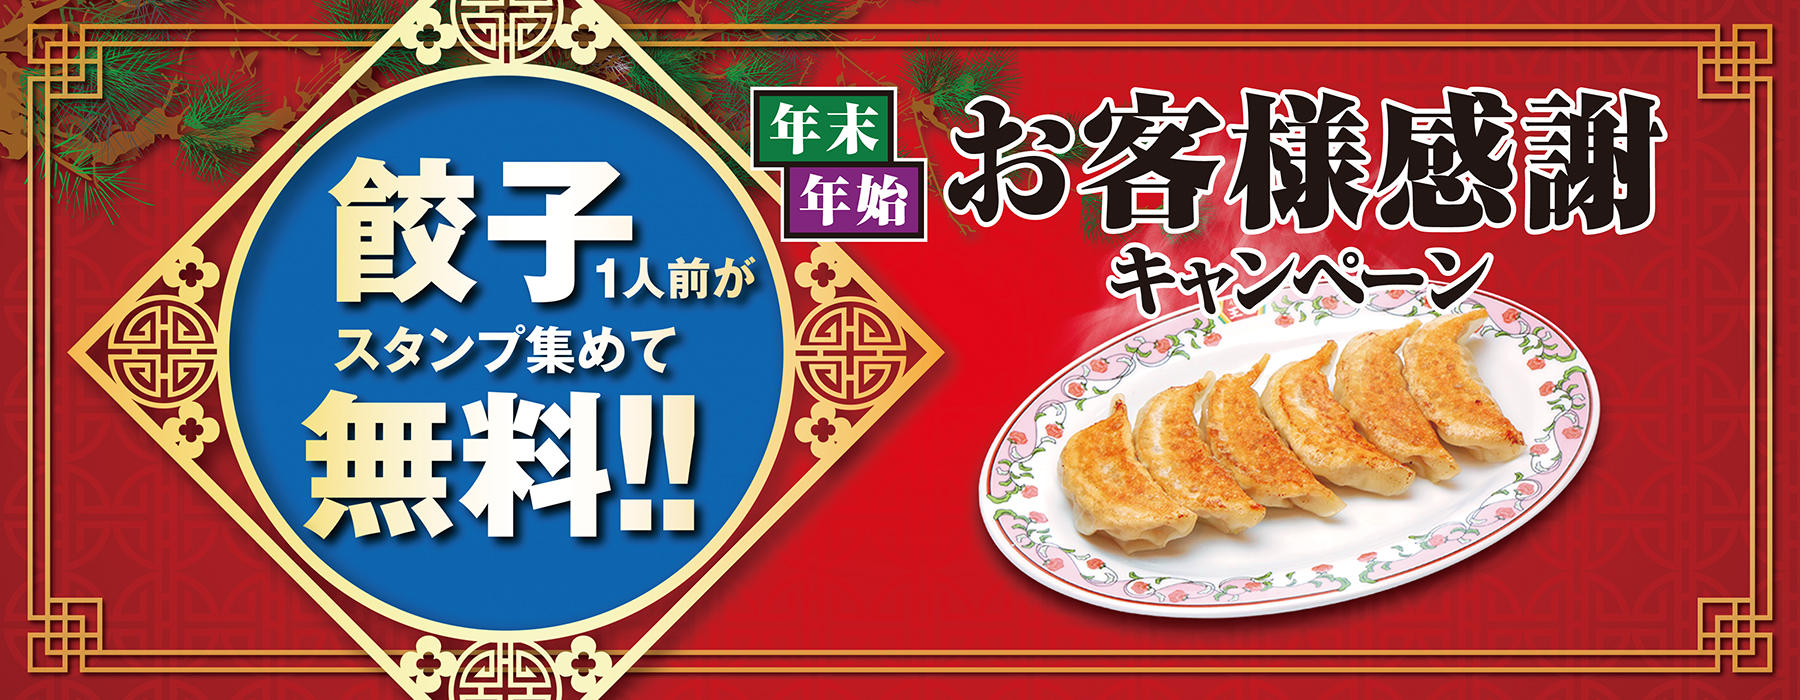 餃子の王将で300円毎に1スタンプ。6個集めて餃子1人前無料券が貰える。~1/14。